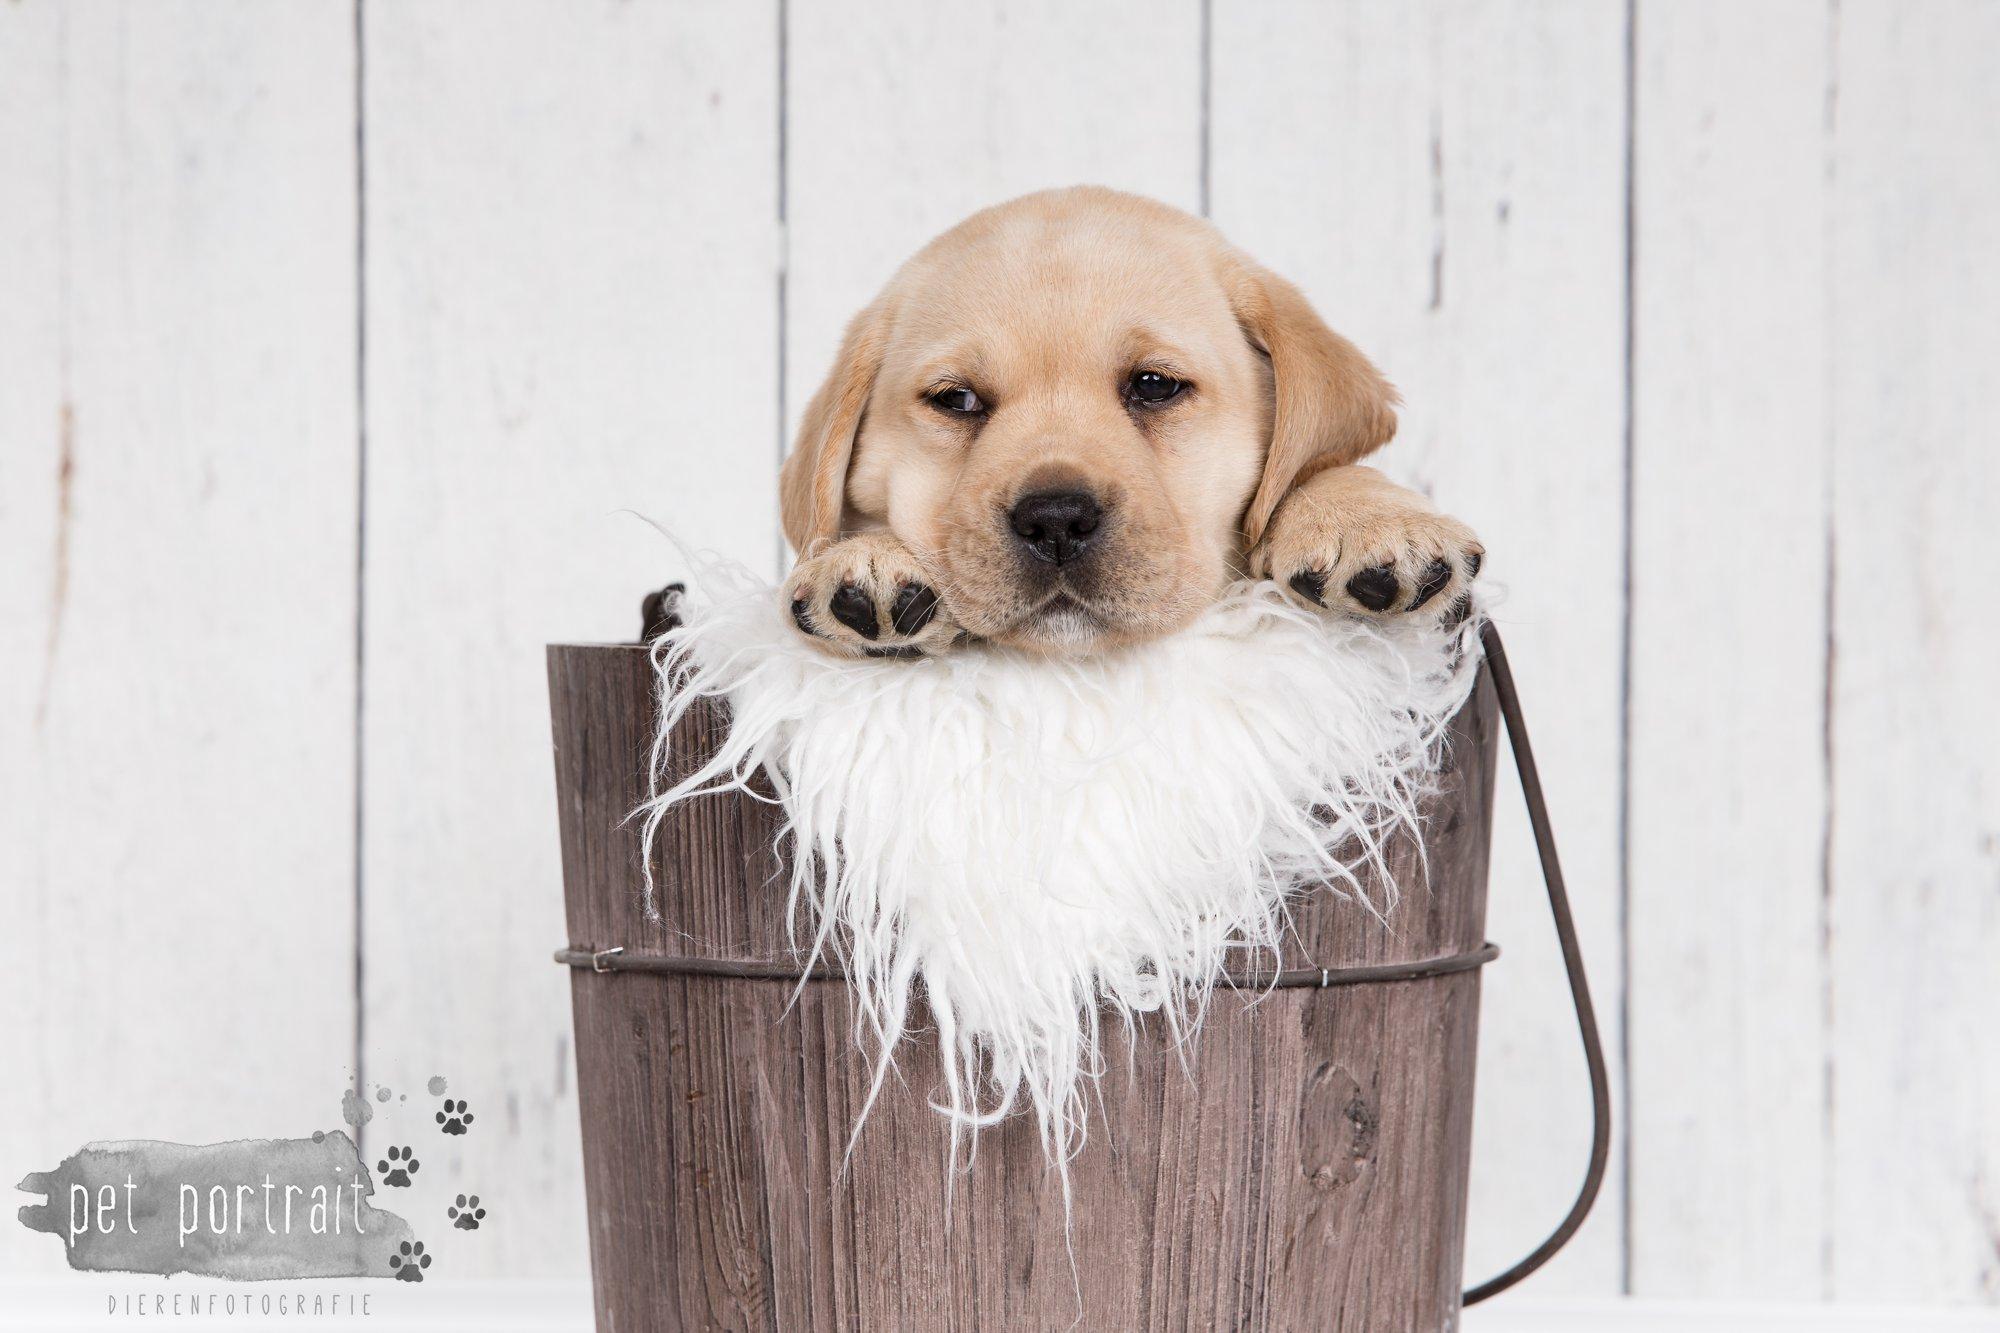 Hondenfotograaf Hillegom - Nestfotoshoot voor Labrador pups-31